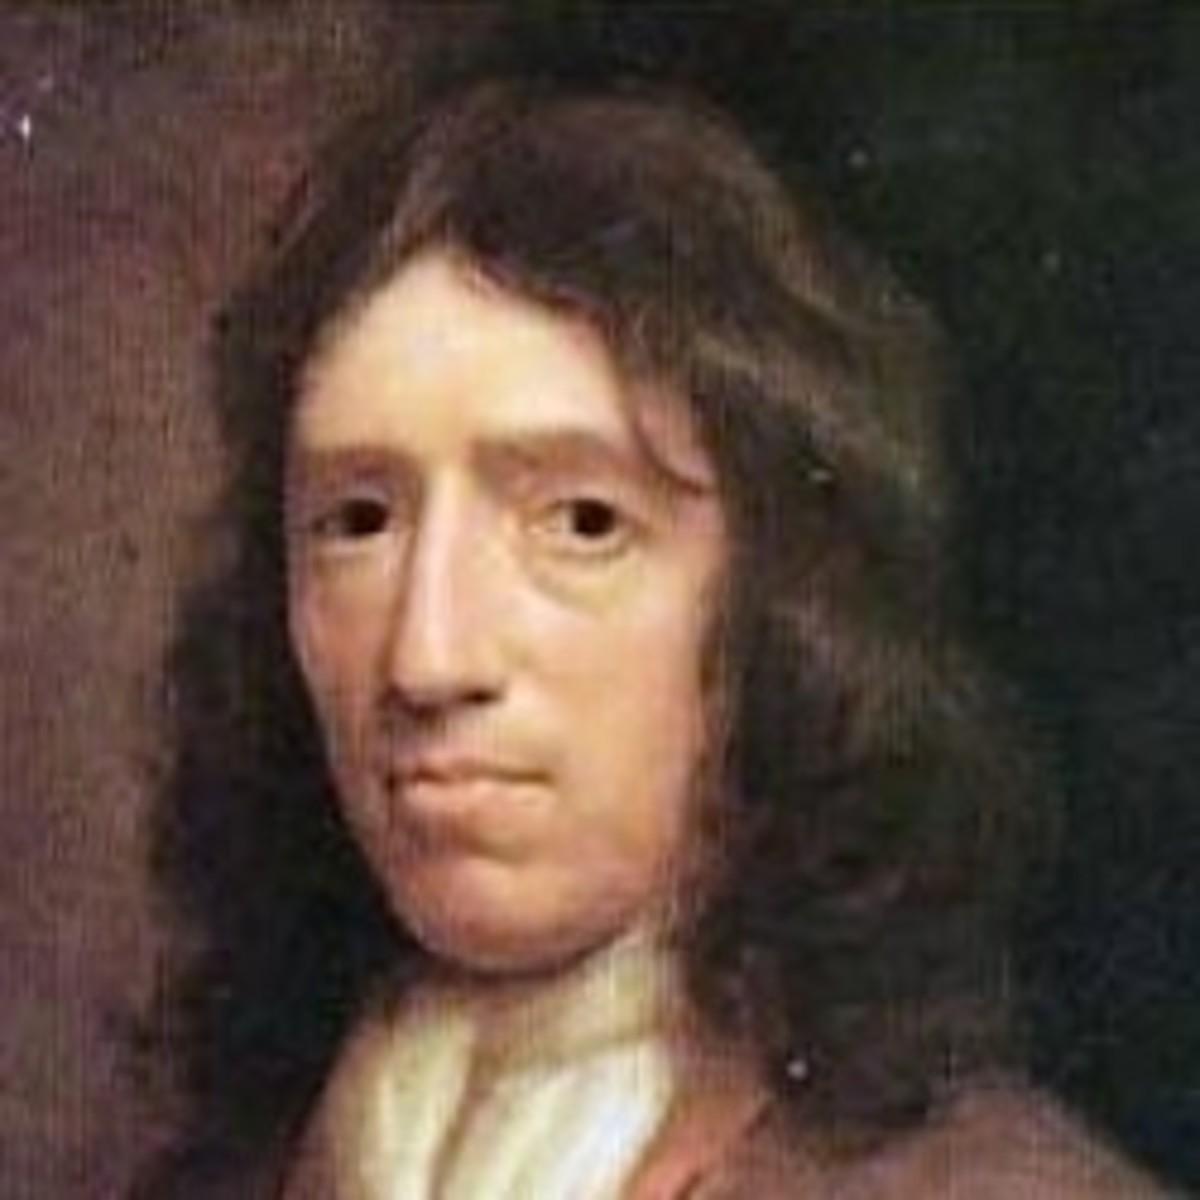 Pirate William Dampier